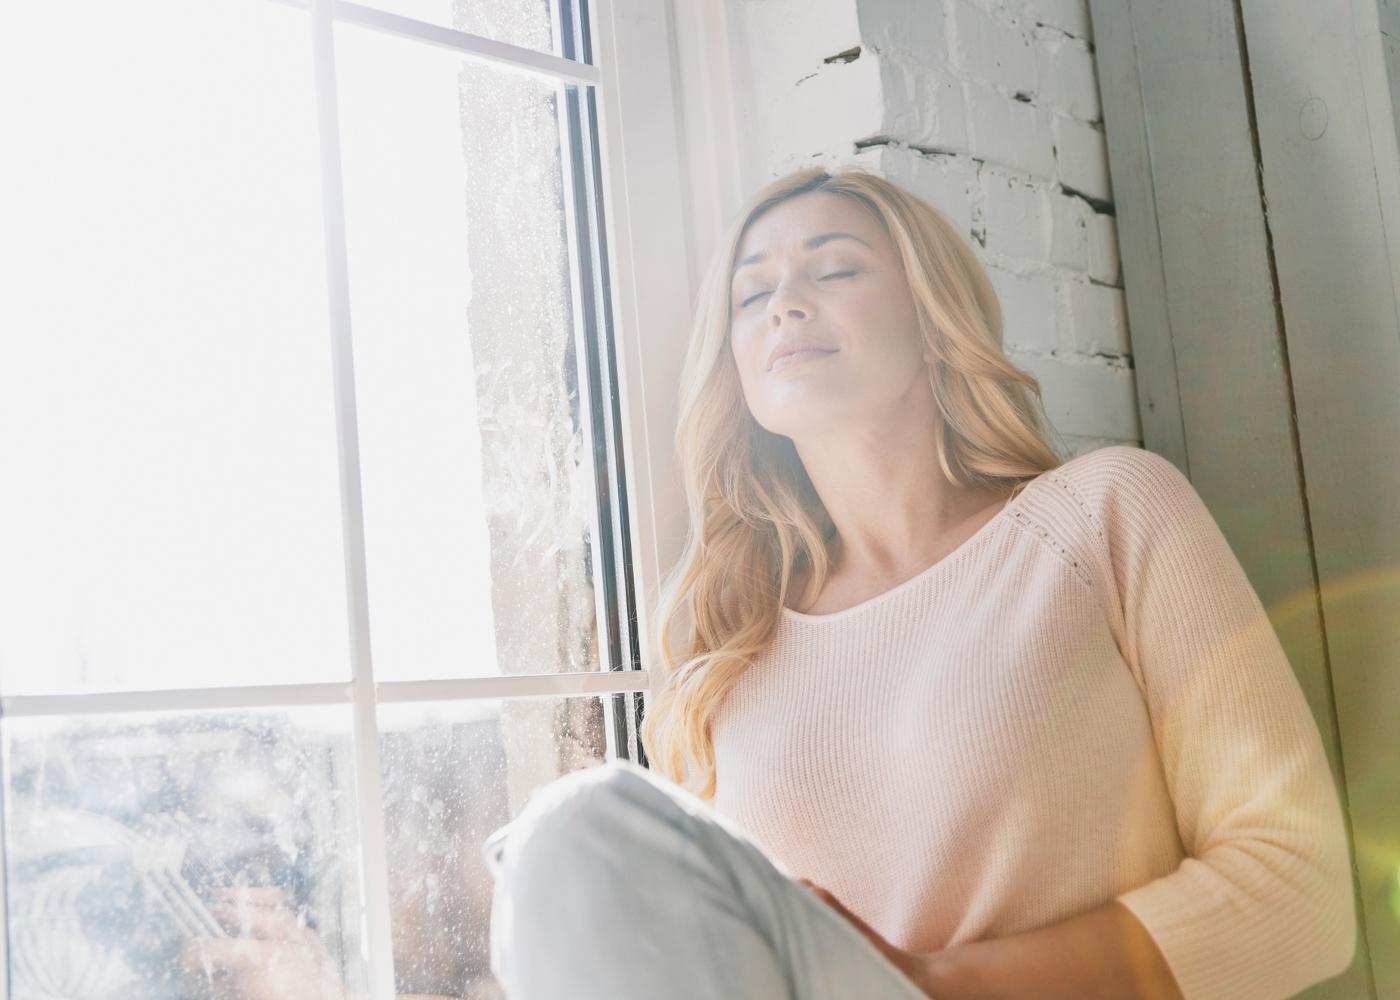 Mulher na janela a apanhar sol e com sentimento de esperança em relação ao futuro